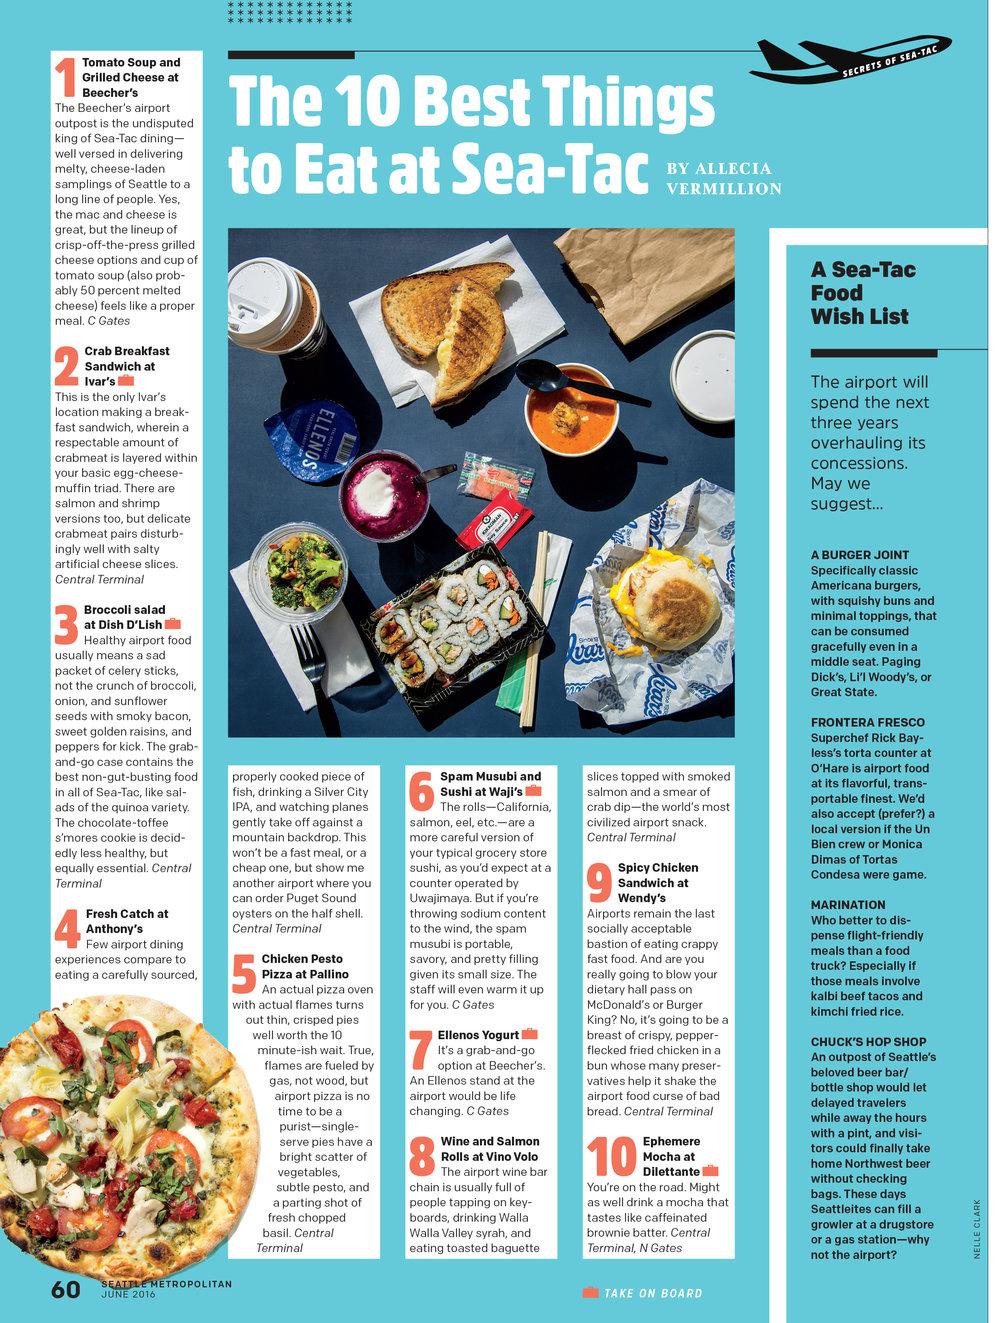 Seattle Met 10 Best Things to Eat at Sea-Tac